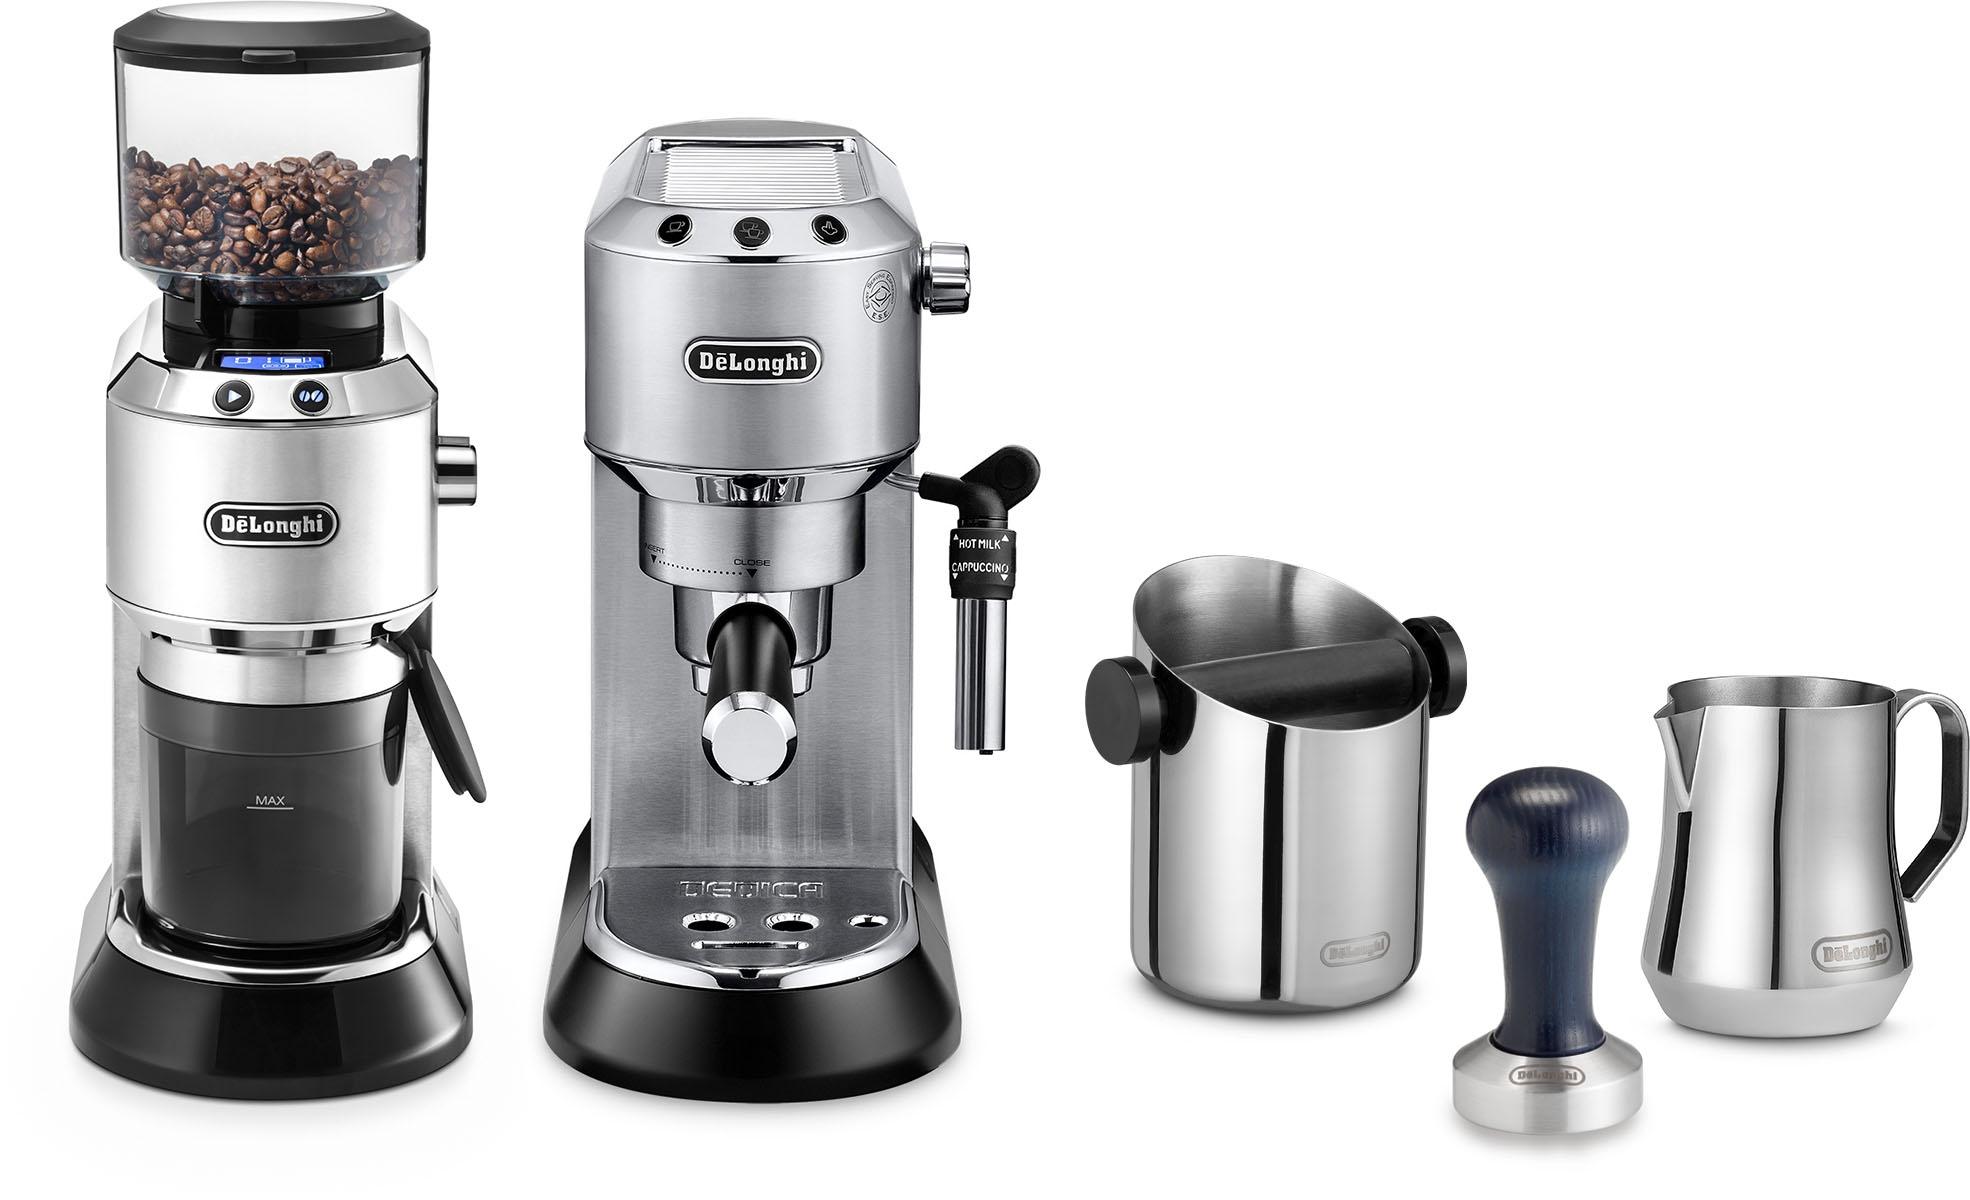 De'Longhi Siebträgermaschine ECKG6821M Sale/Technik & Freizeit/Elektrogeräte/Haushaltsgeräte/Kaffee & Espresso